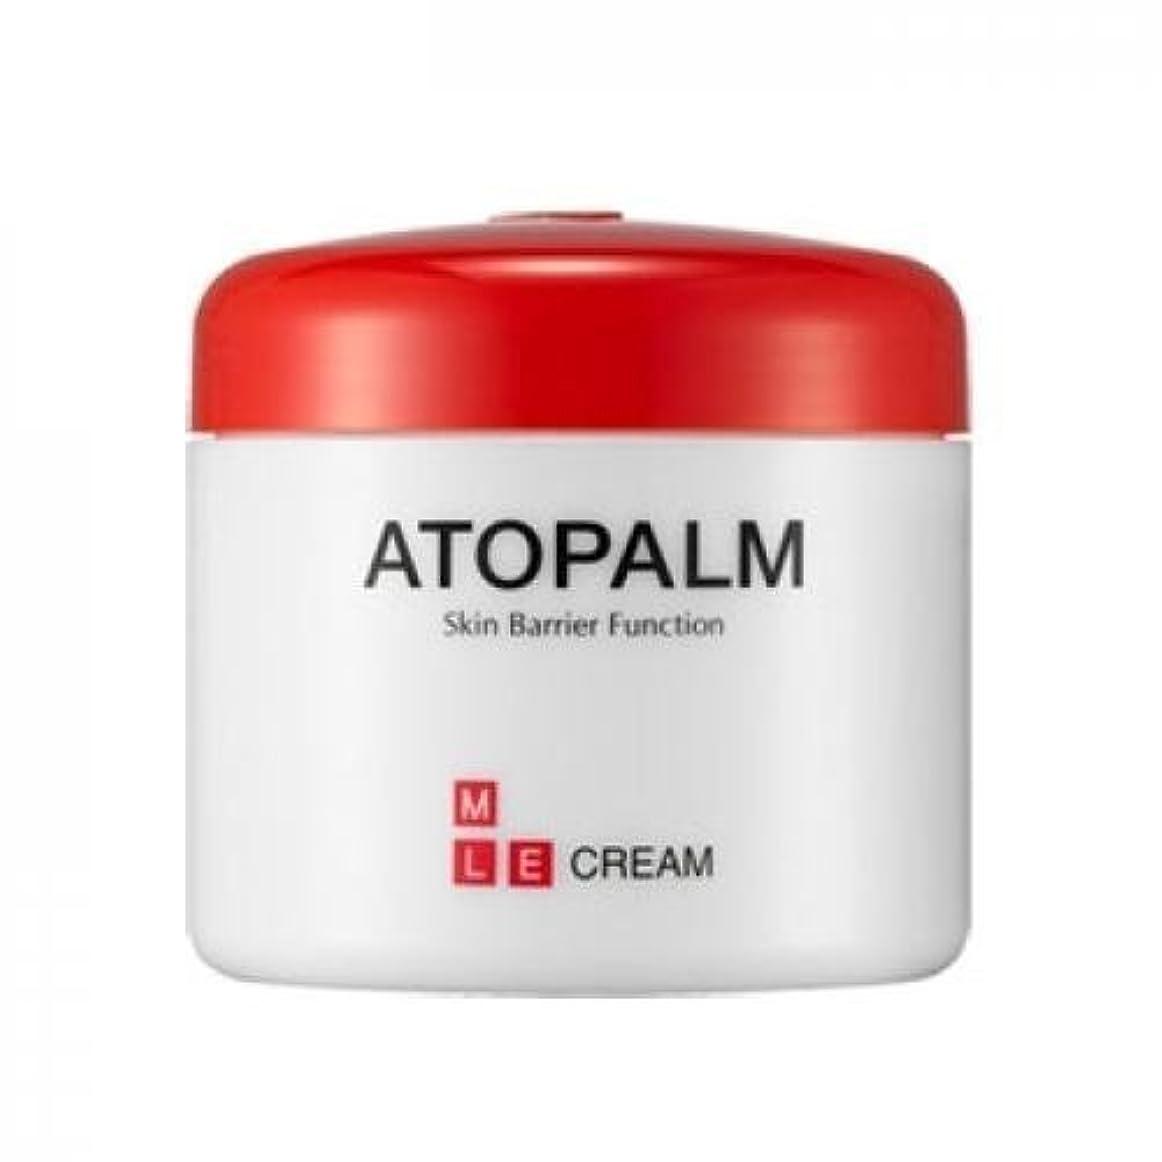 暫定の留め金塊ATOPALM MLE Cream (160ml) (Korean original)